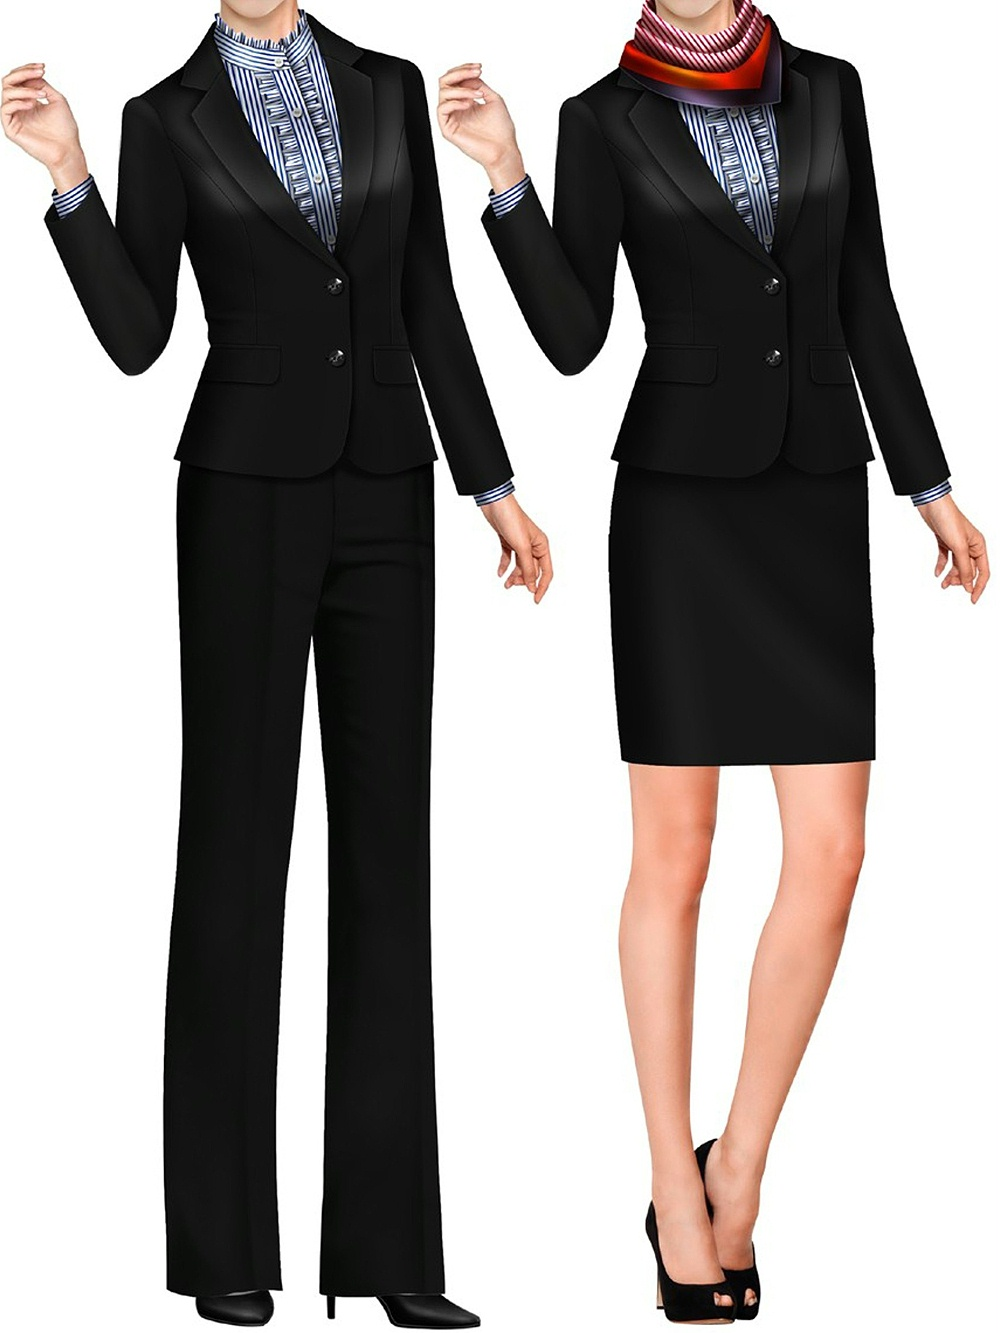 3款银行柜员工作服女士|银行职工工装|五大银行制服定做